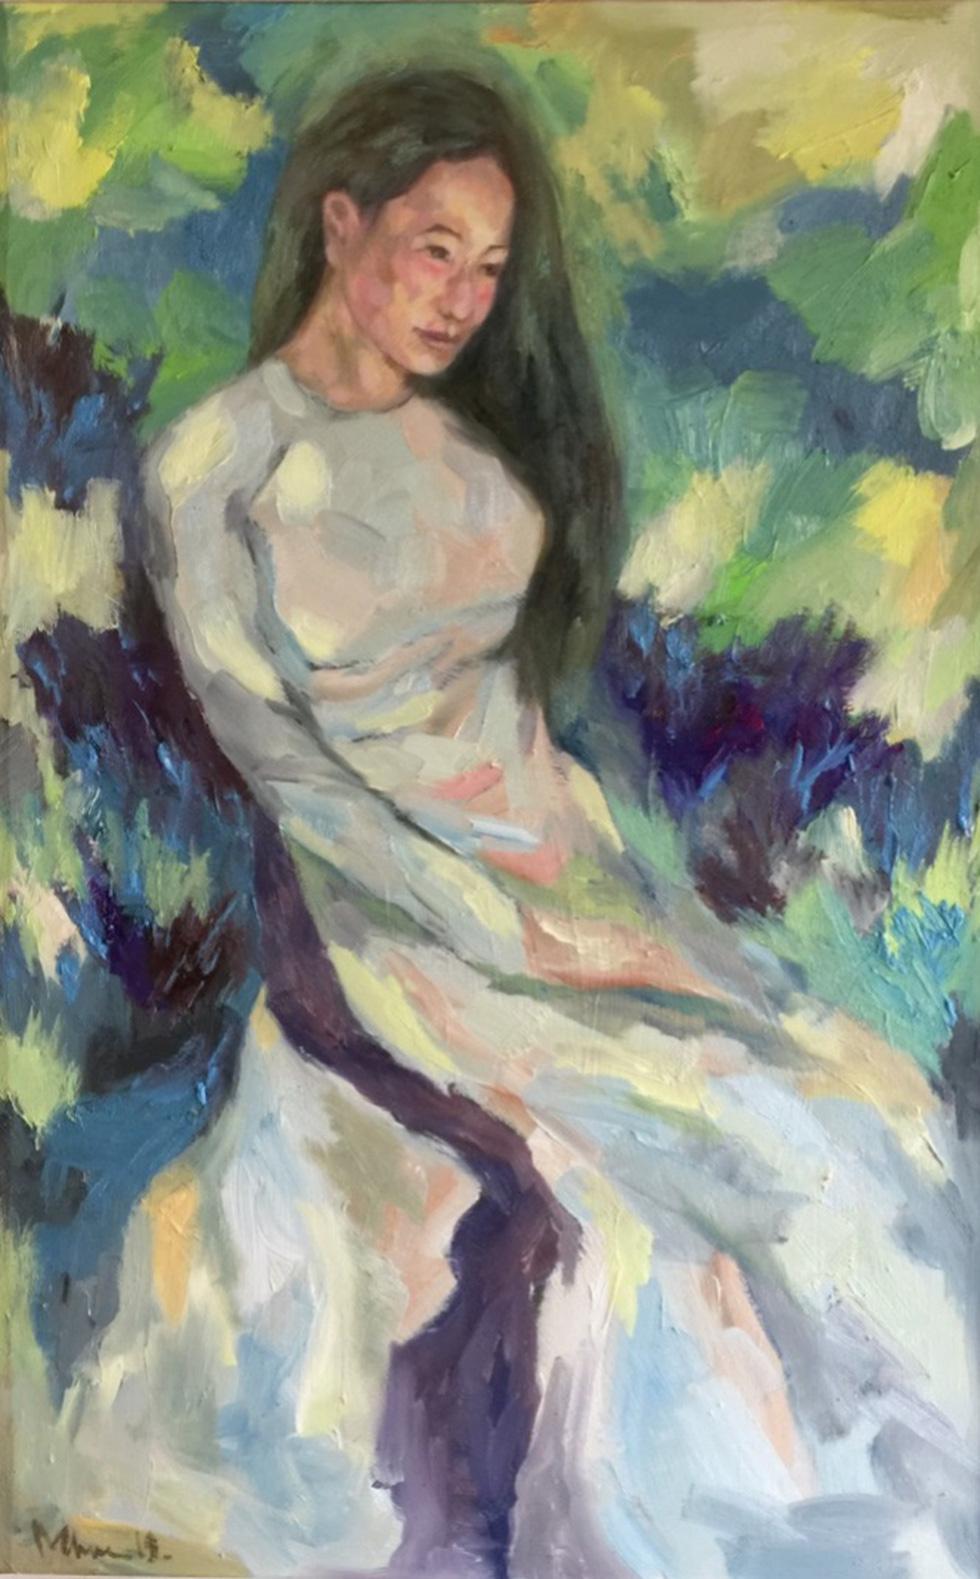 Xem tranh, ảnh đẹp như thơ trong triển lãm Chuyện áo dài - Ảnh 12.